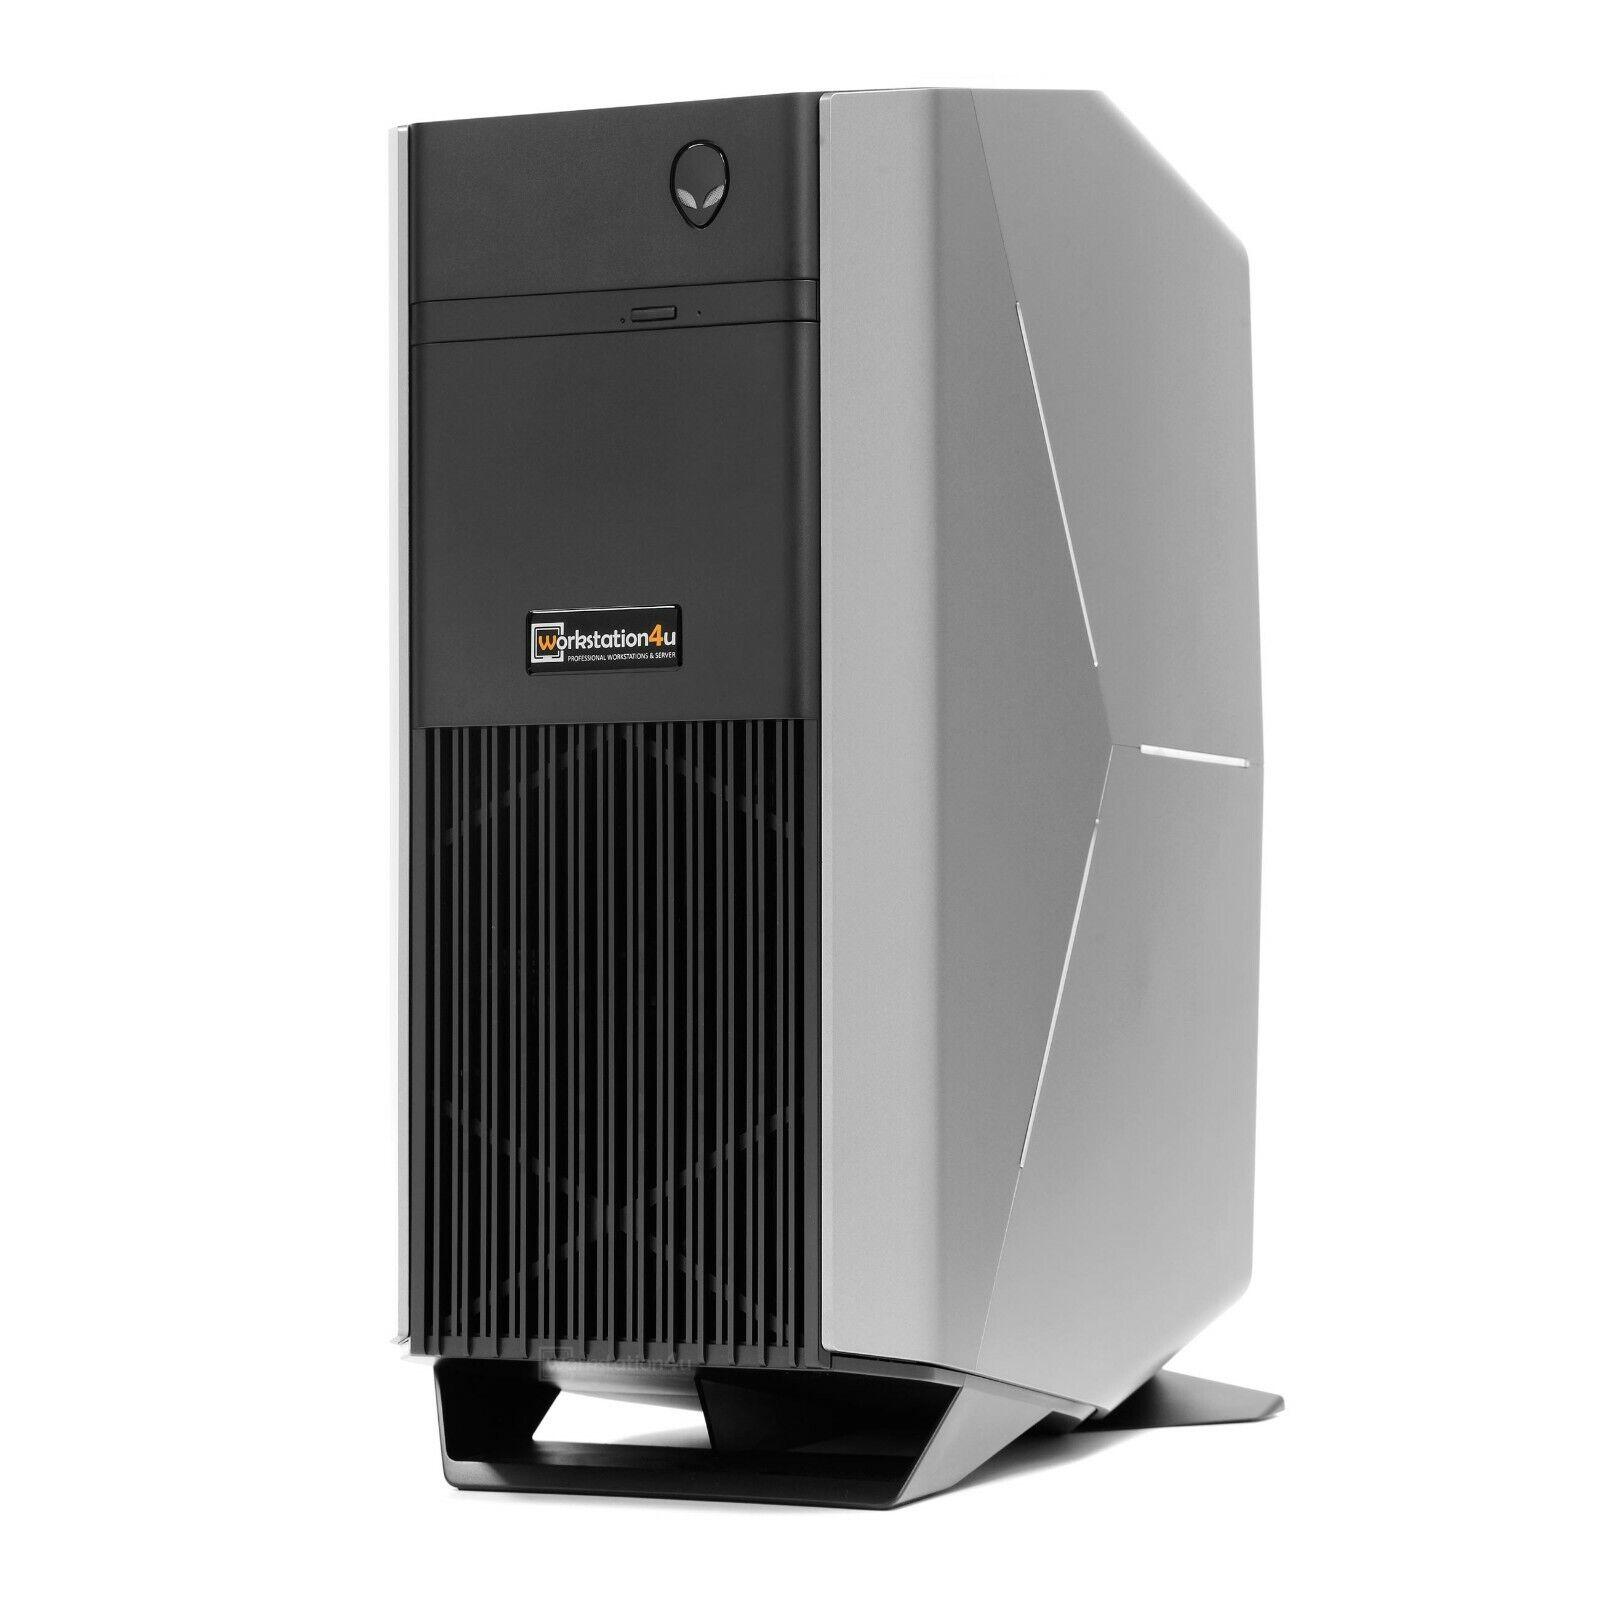 Dell alienware aurora r5 pc offre groupée core i7-6700 16gb ram 512gb ssd gt710